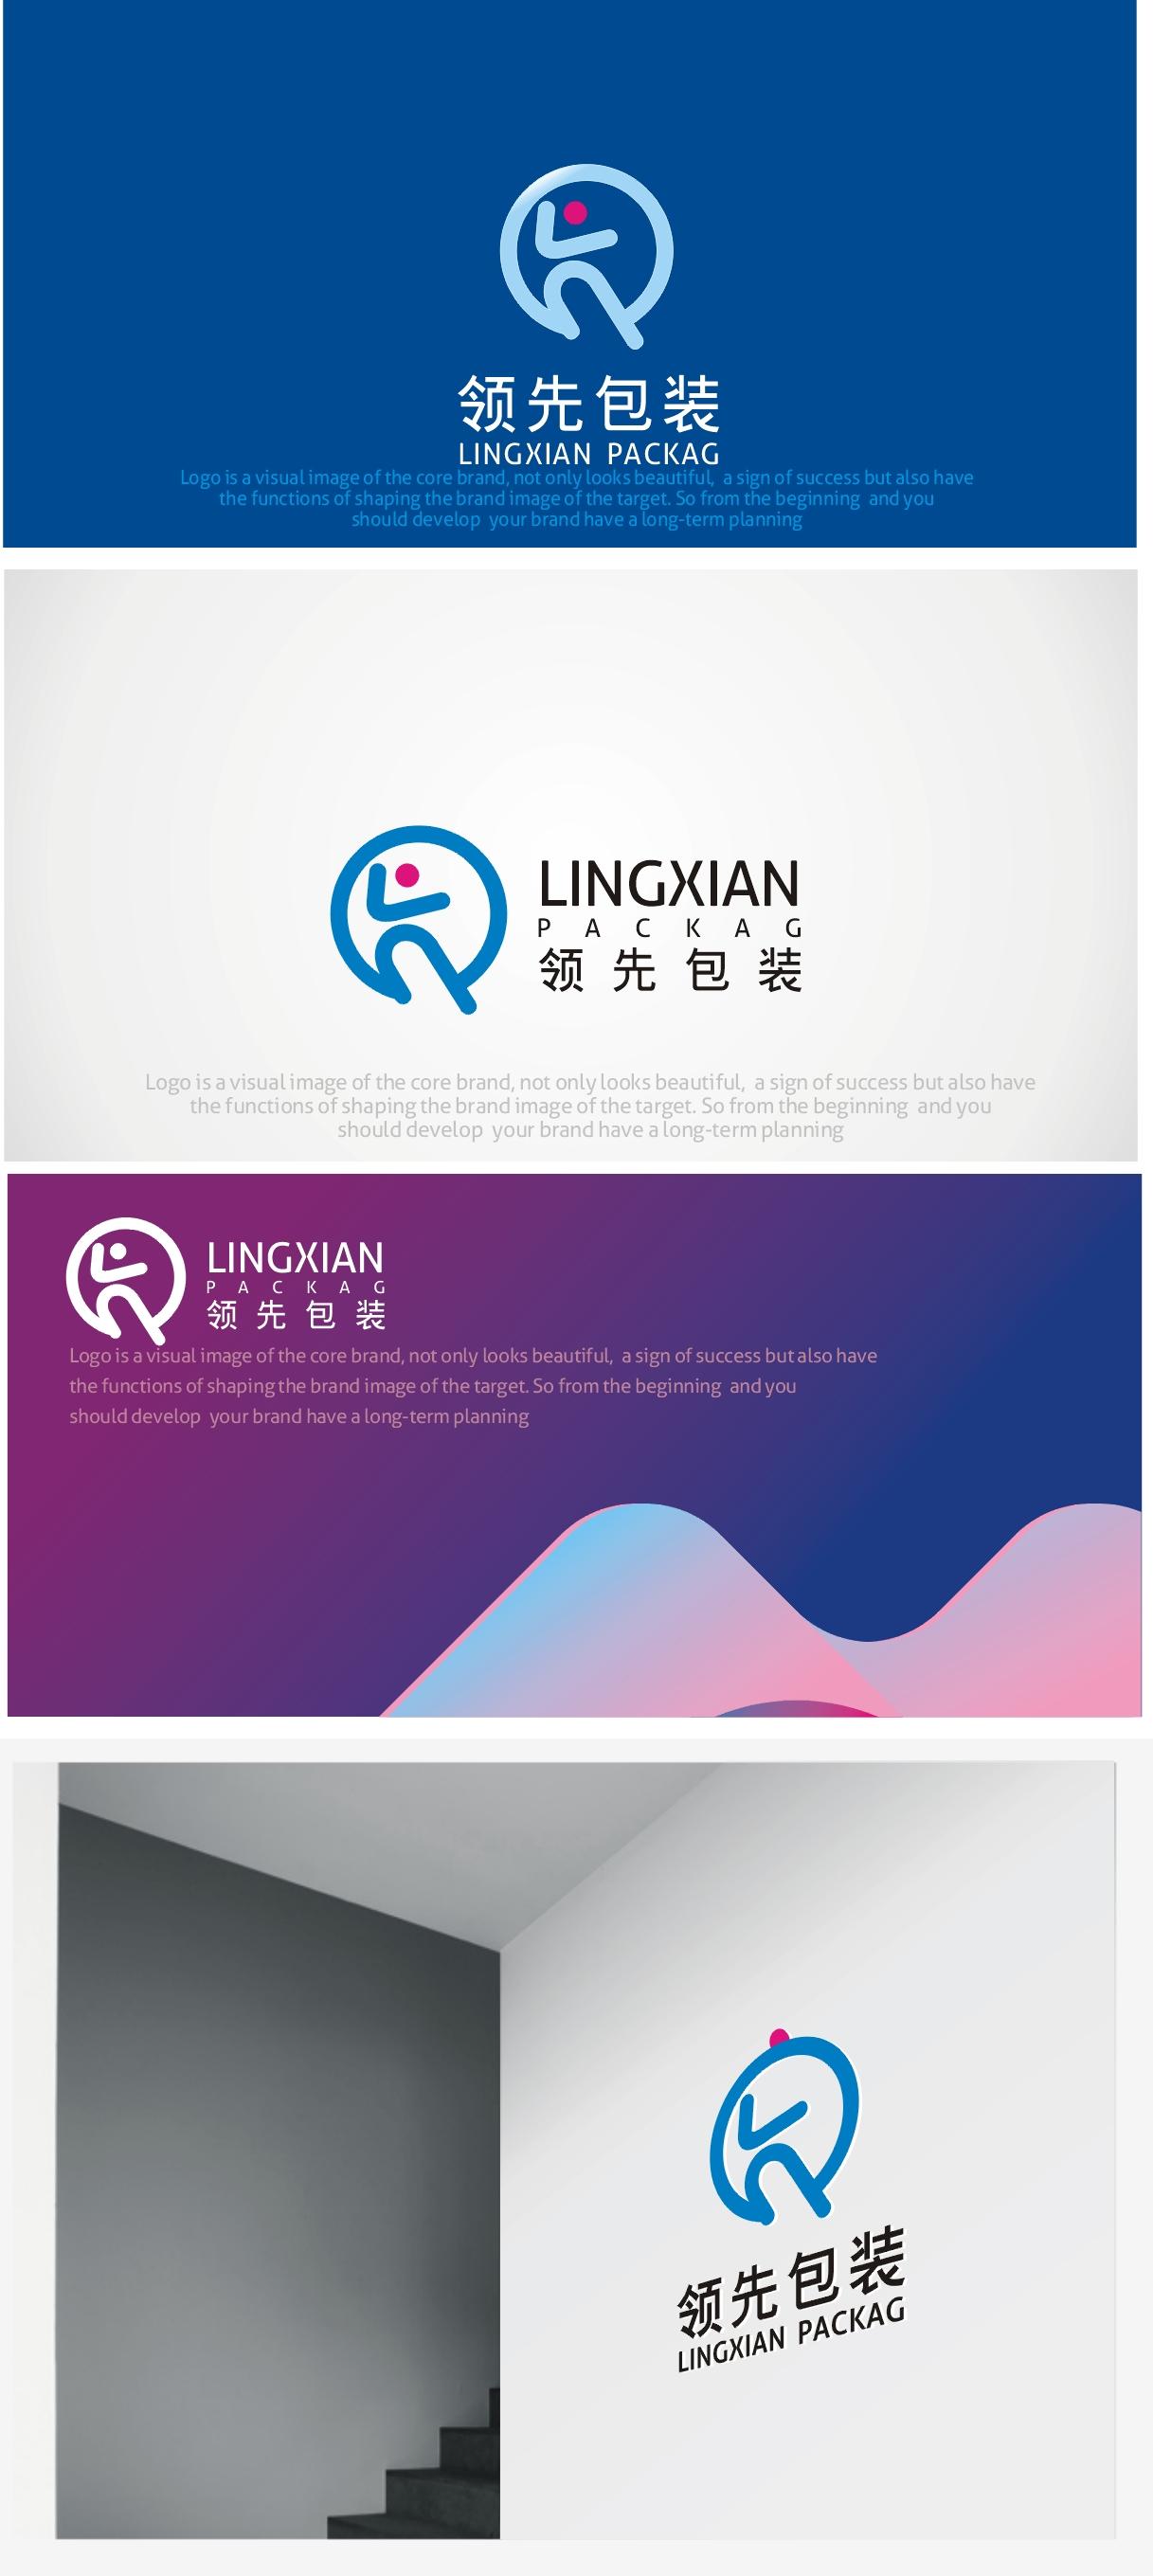 领先包装材料有限公司 logo设计_3036847_k68威客网